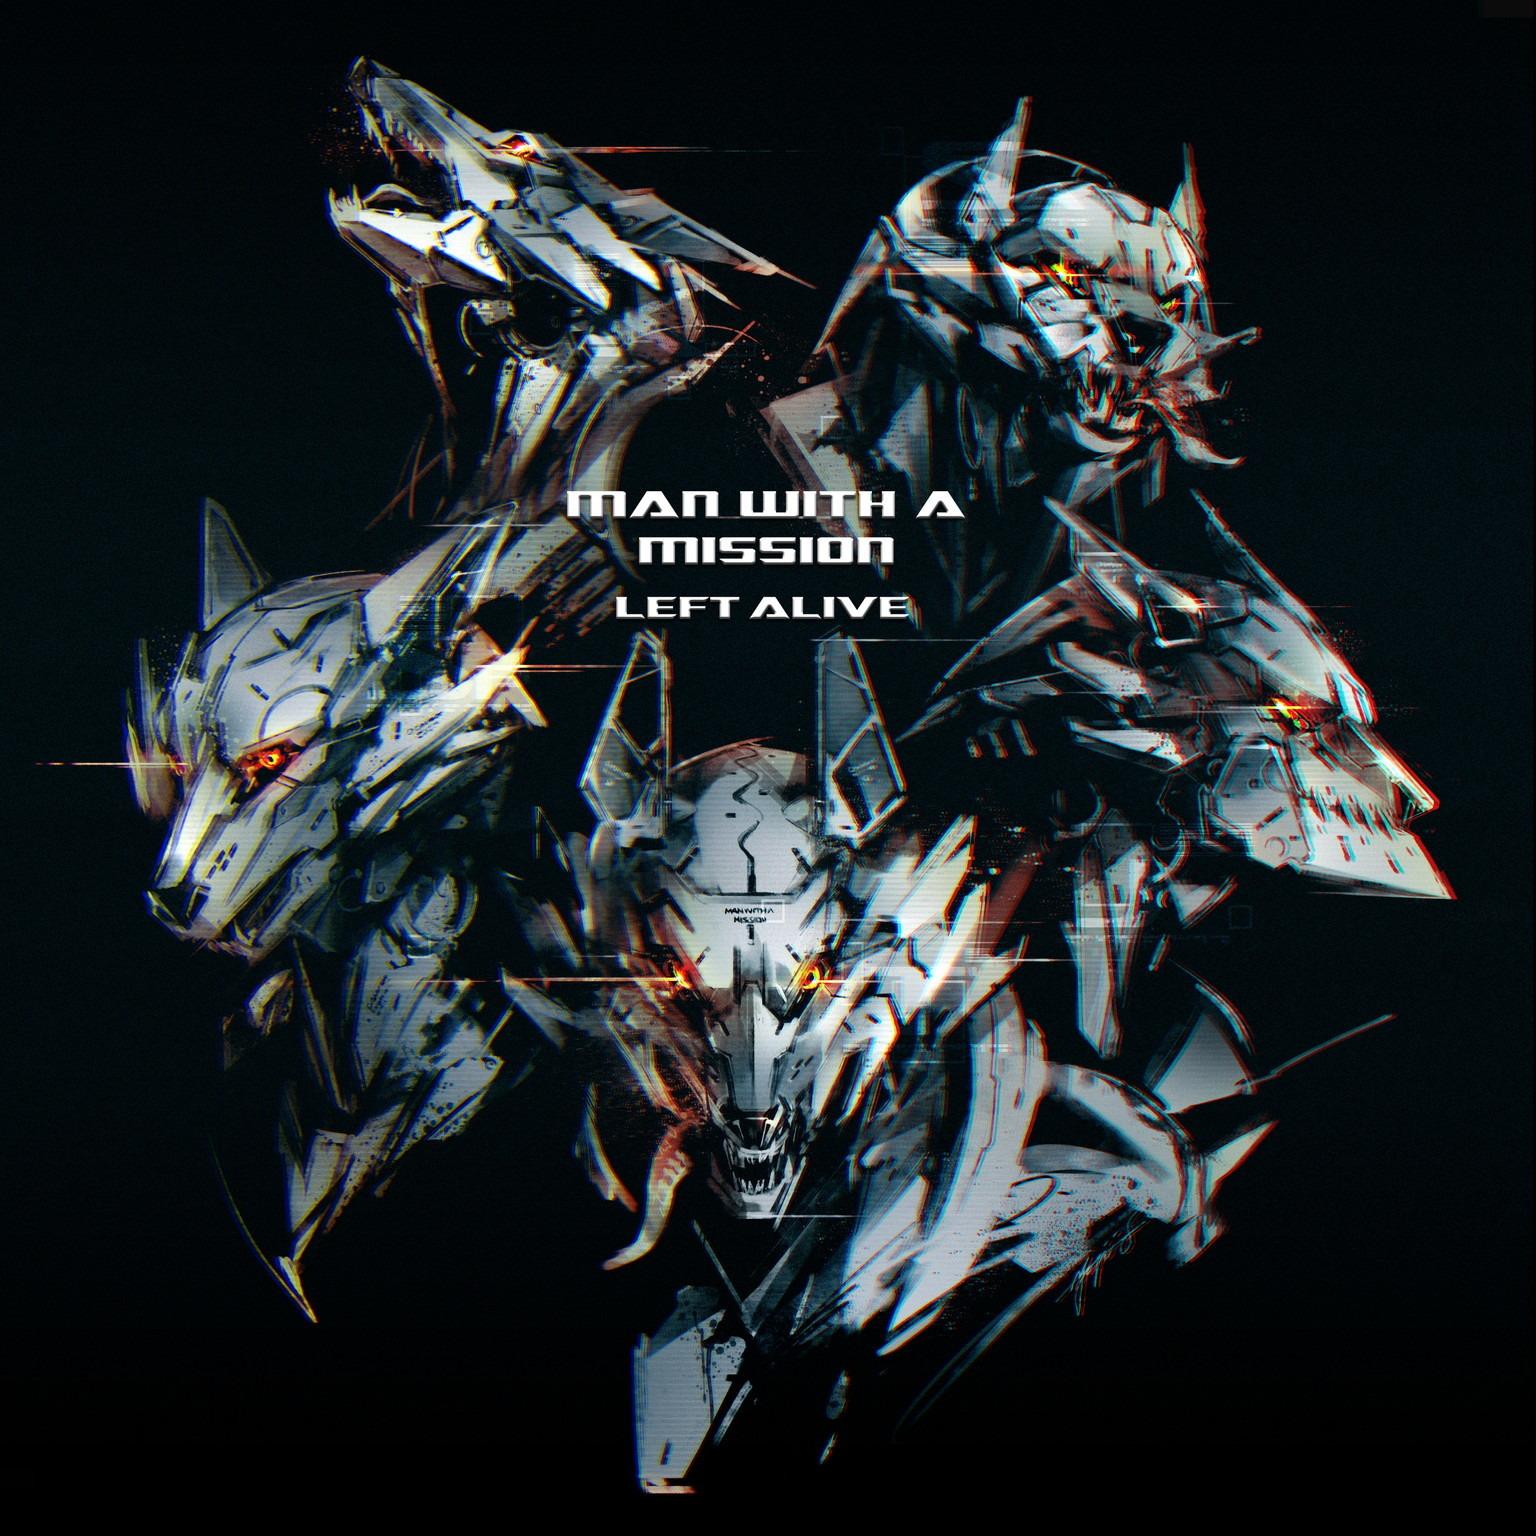 サバイバルact Left Alive Tvcm公開 タイアップにman With A Mission書き下ろしの新曲も Game Spark 国内 海外ゲーム情報サイト